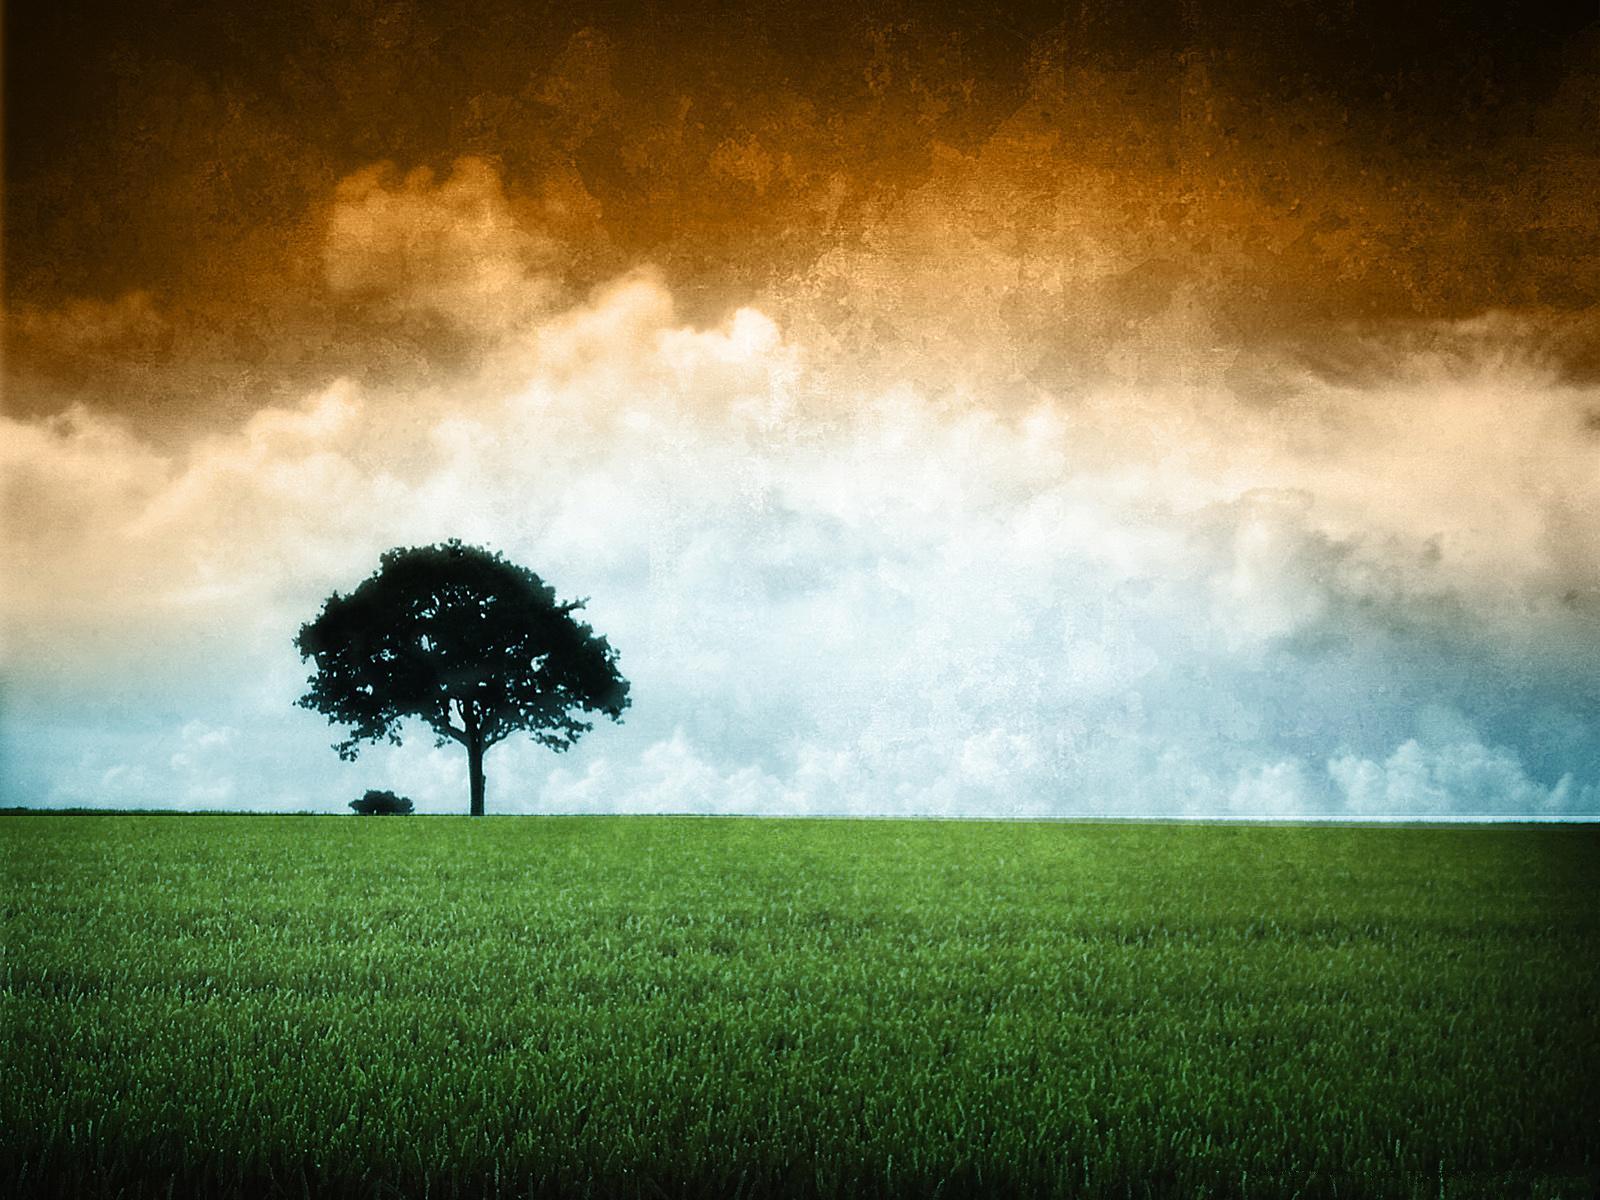 http://4.bp.blogspot.com/_hEeDlsg8wA4/TSVw2LKYOaI/AAAAAAAAAYk/i9Ti9qp1utI/s1600/indian+flag.jpg